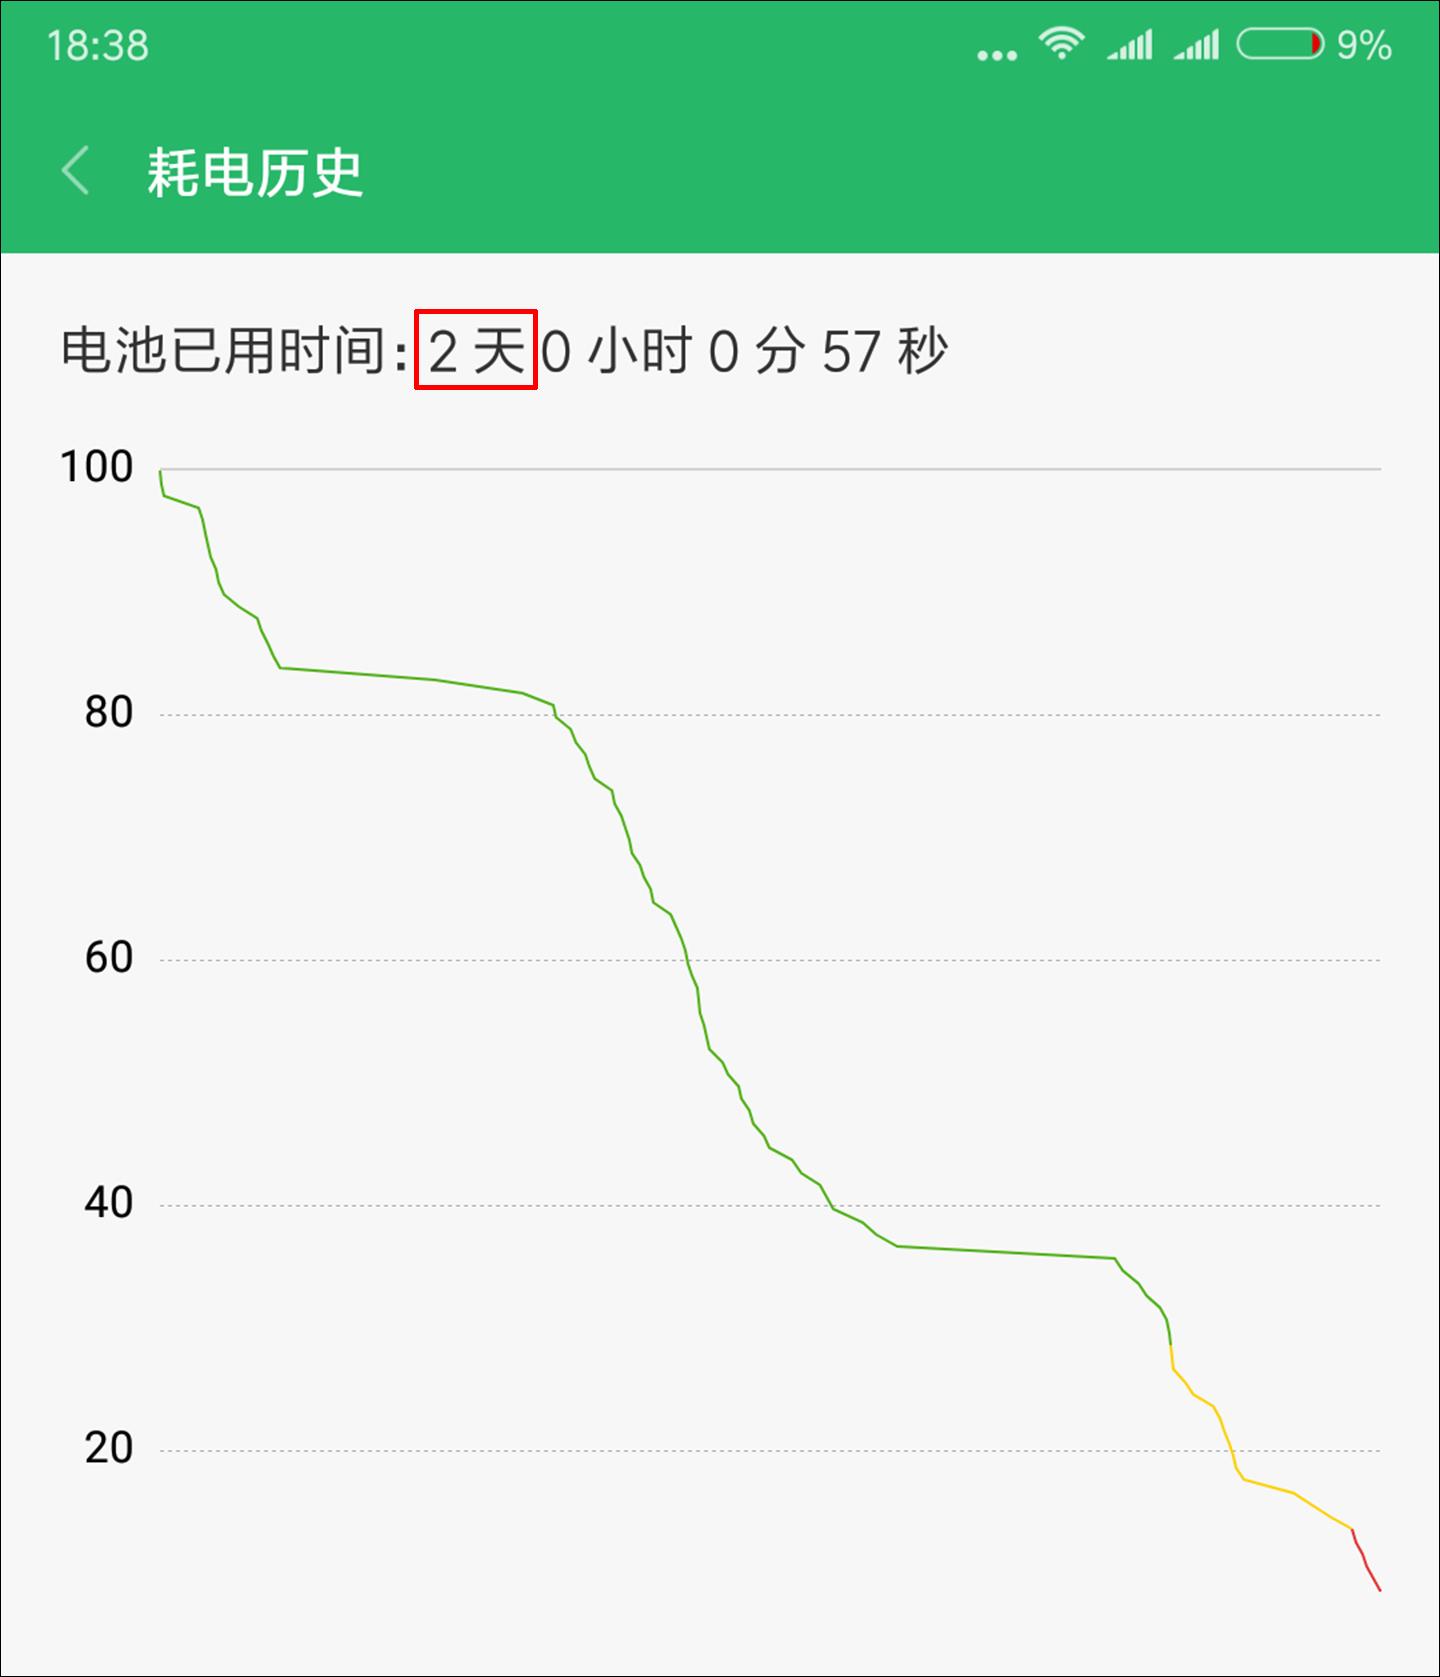 骁龙636比骁龙625强多少?红米Note 5评测